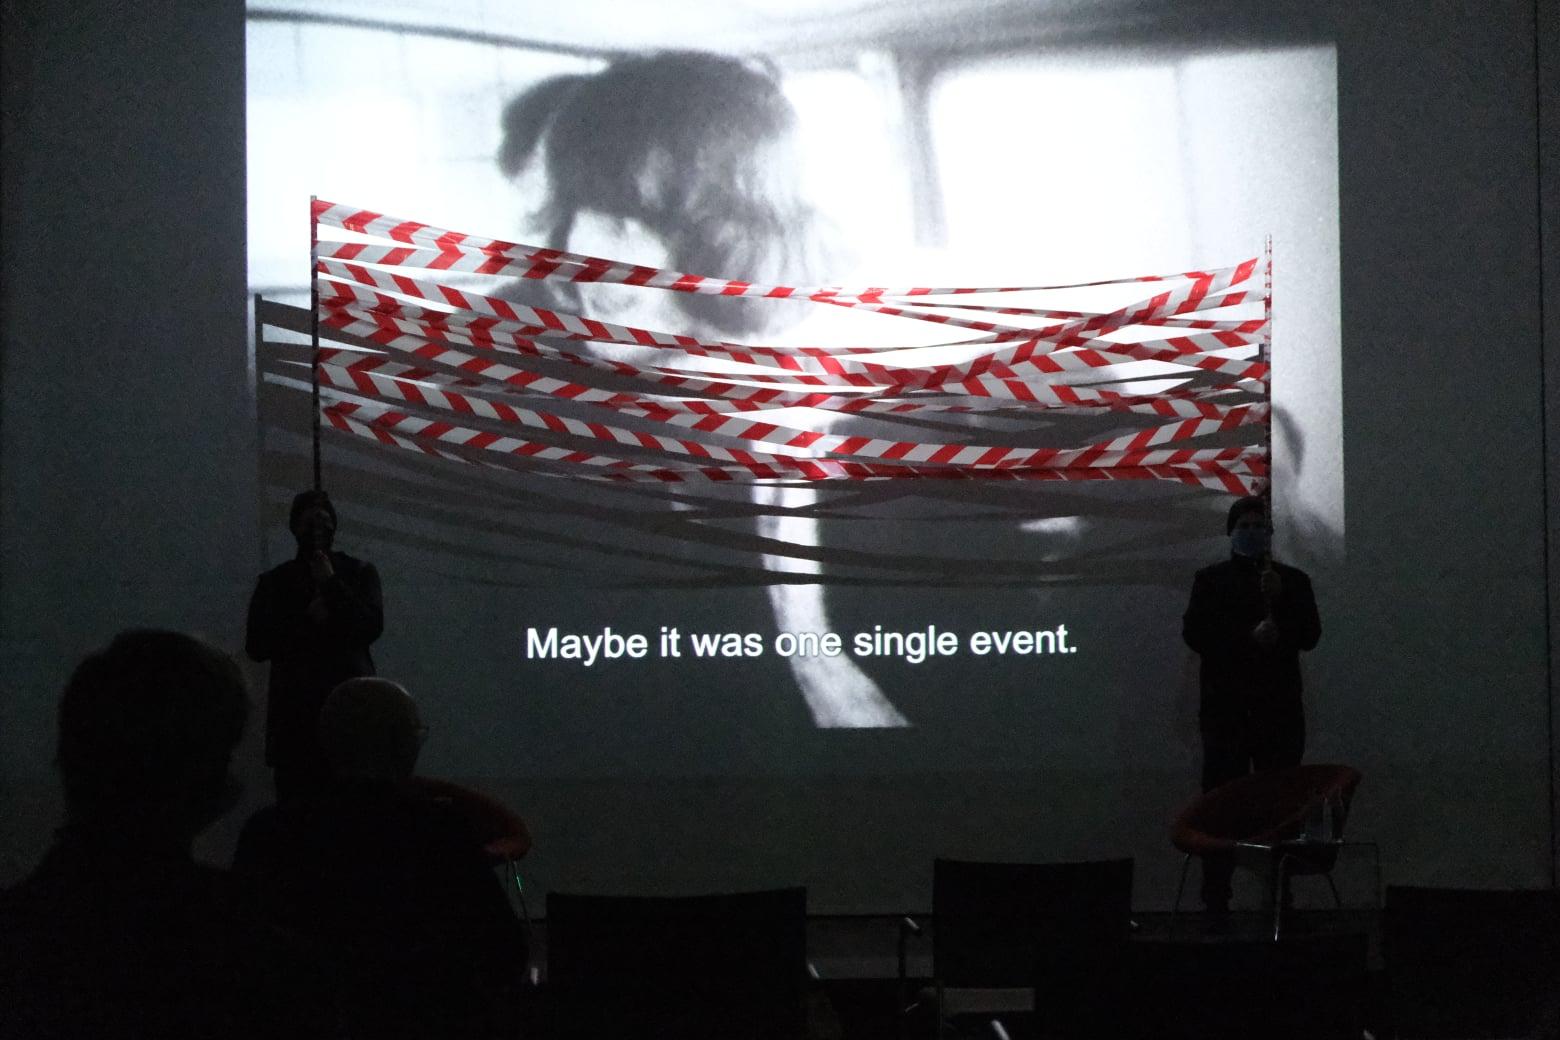 Két képzőművész szolidaritási akciója az SZFE-vel a berlini Collegium Hungaricumban